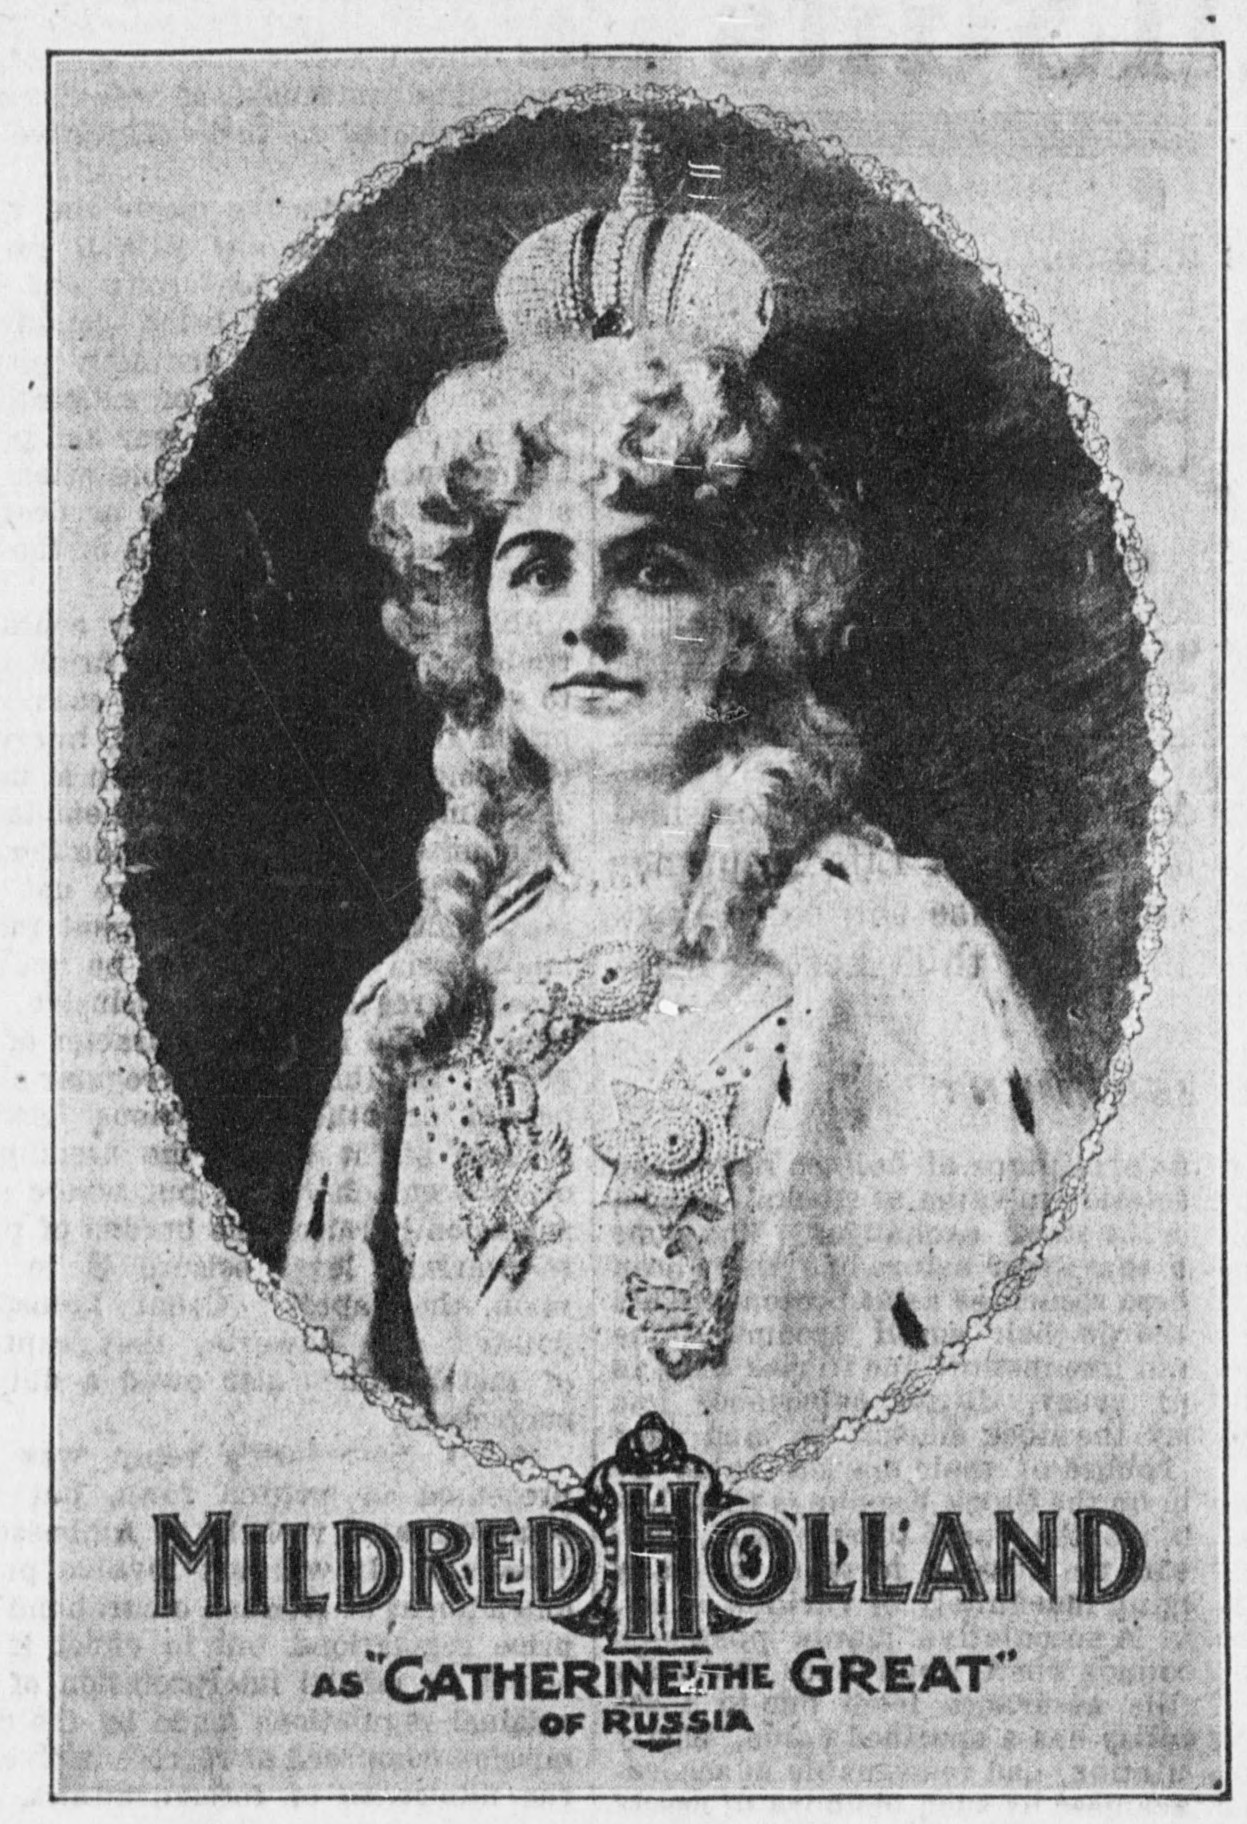 Mildred Holland Net Worth